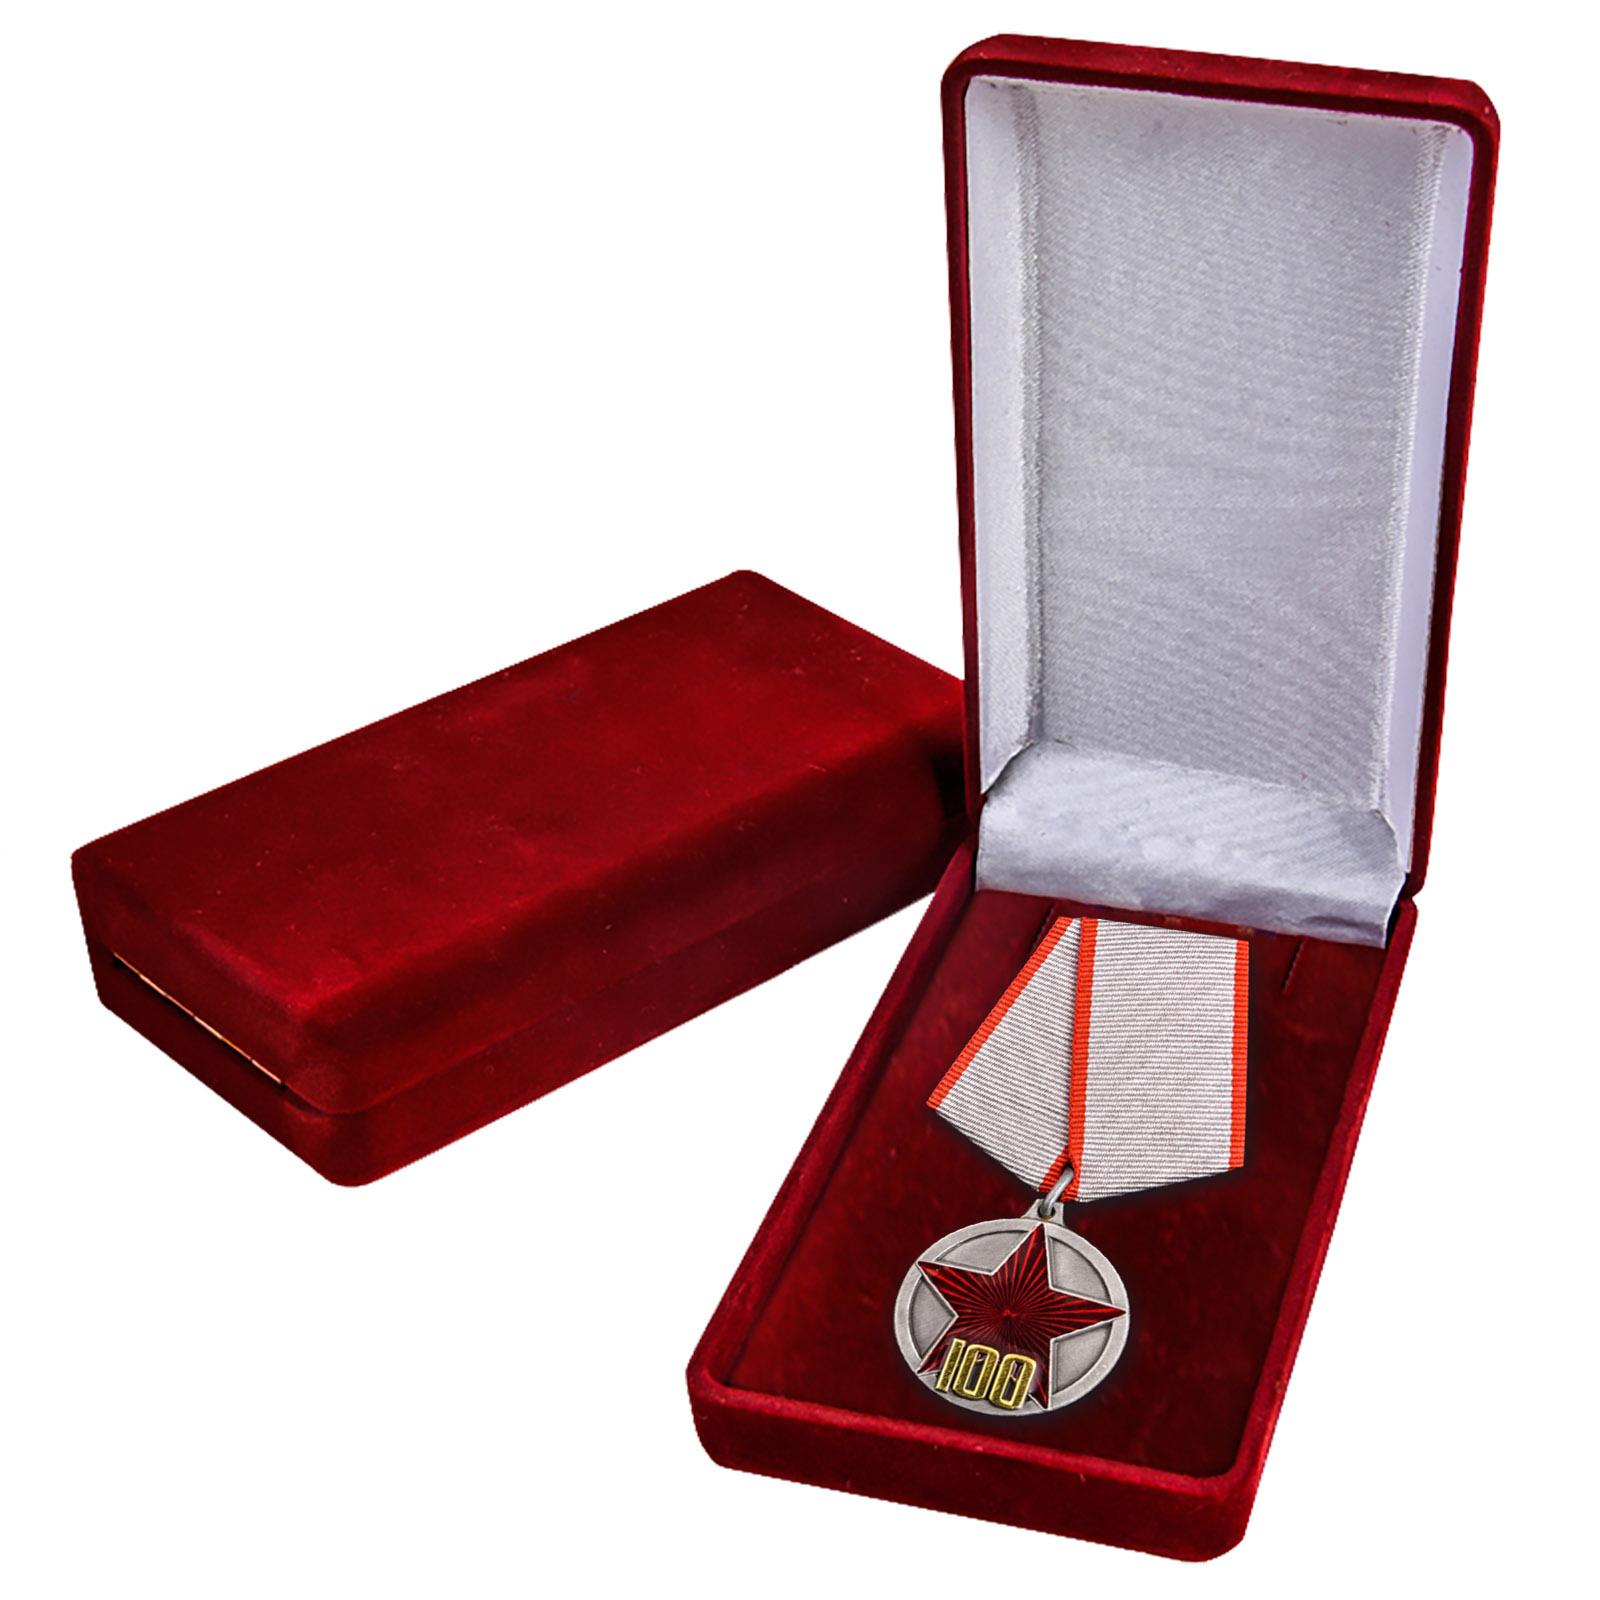 Подарки для Защитников Отечества – мдаль «100 лет Армии и флоту»